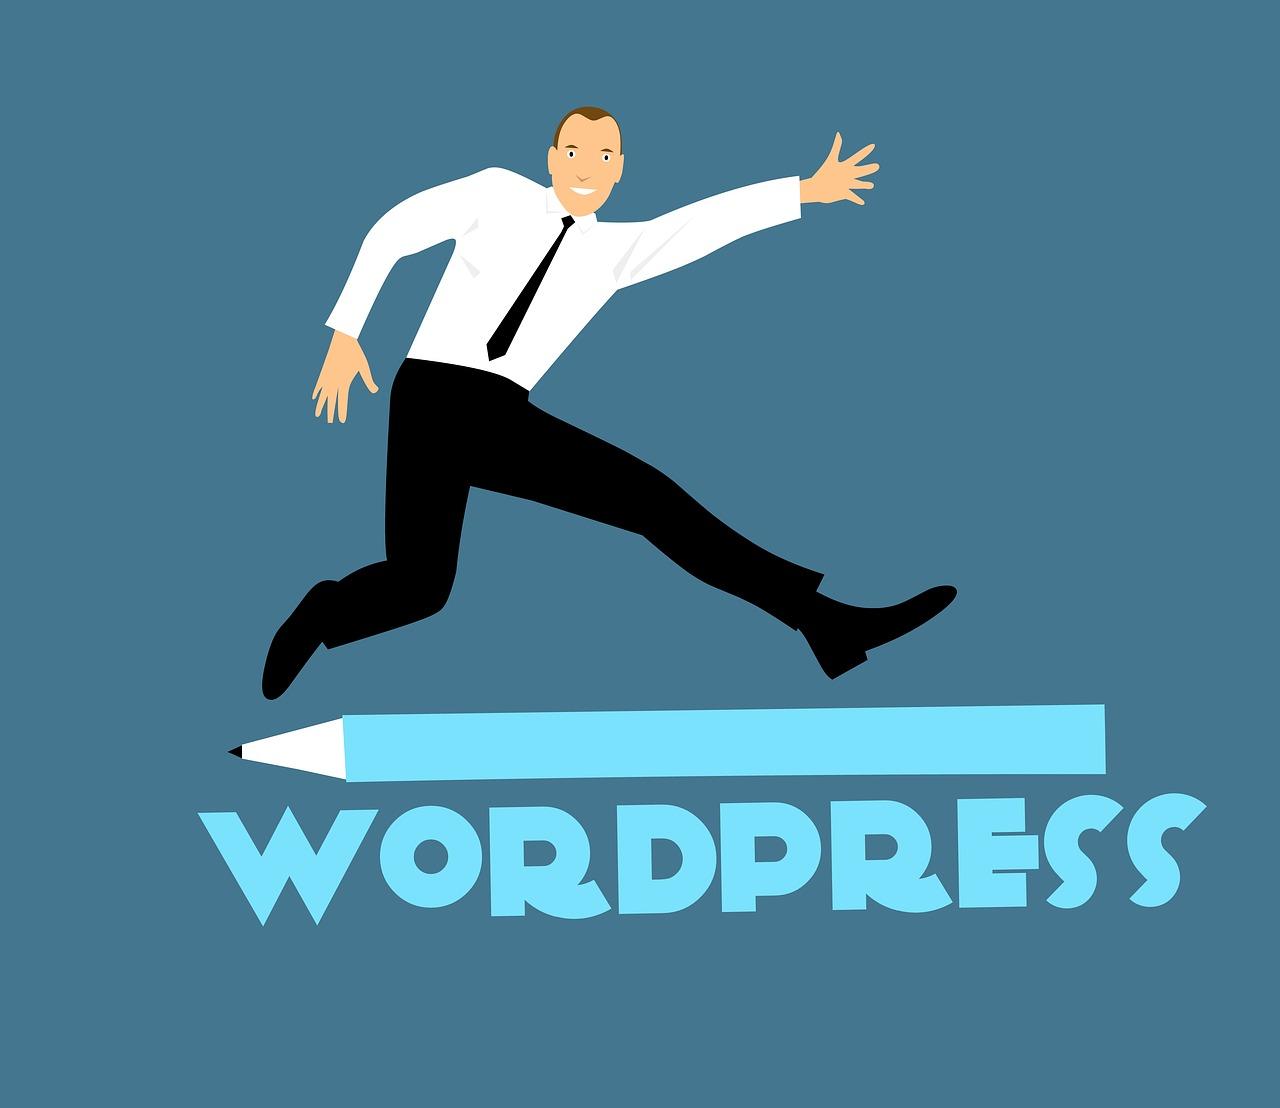 【初心者向け】WordPressでブログを始める方法をシンプルに解説